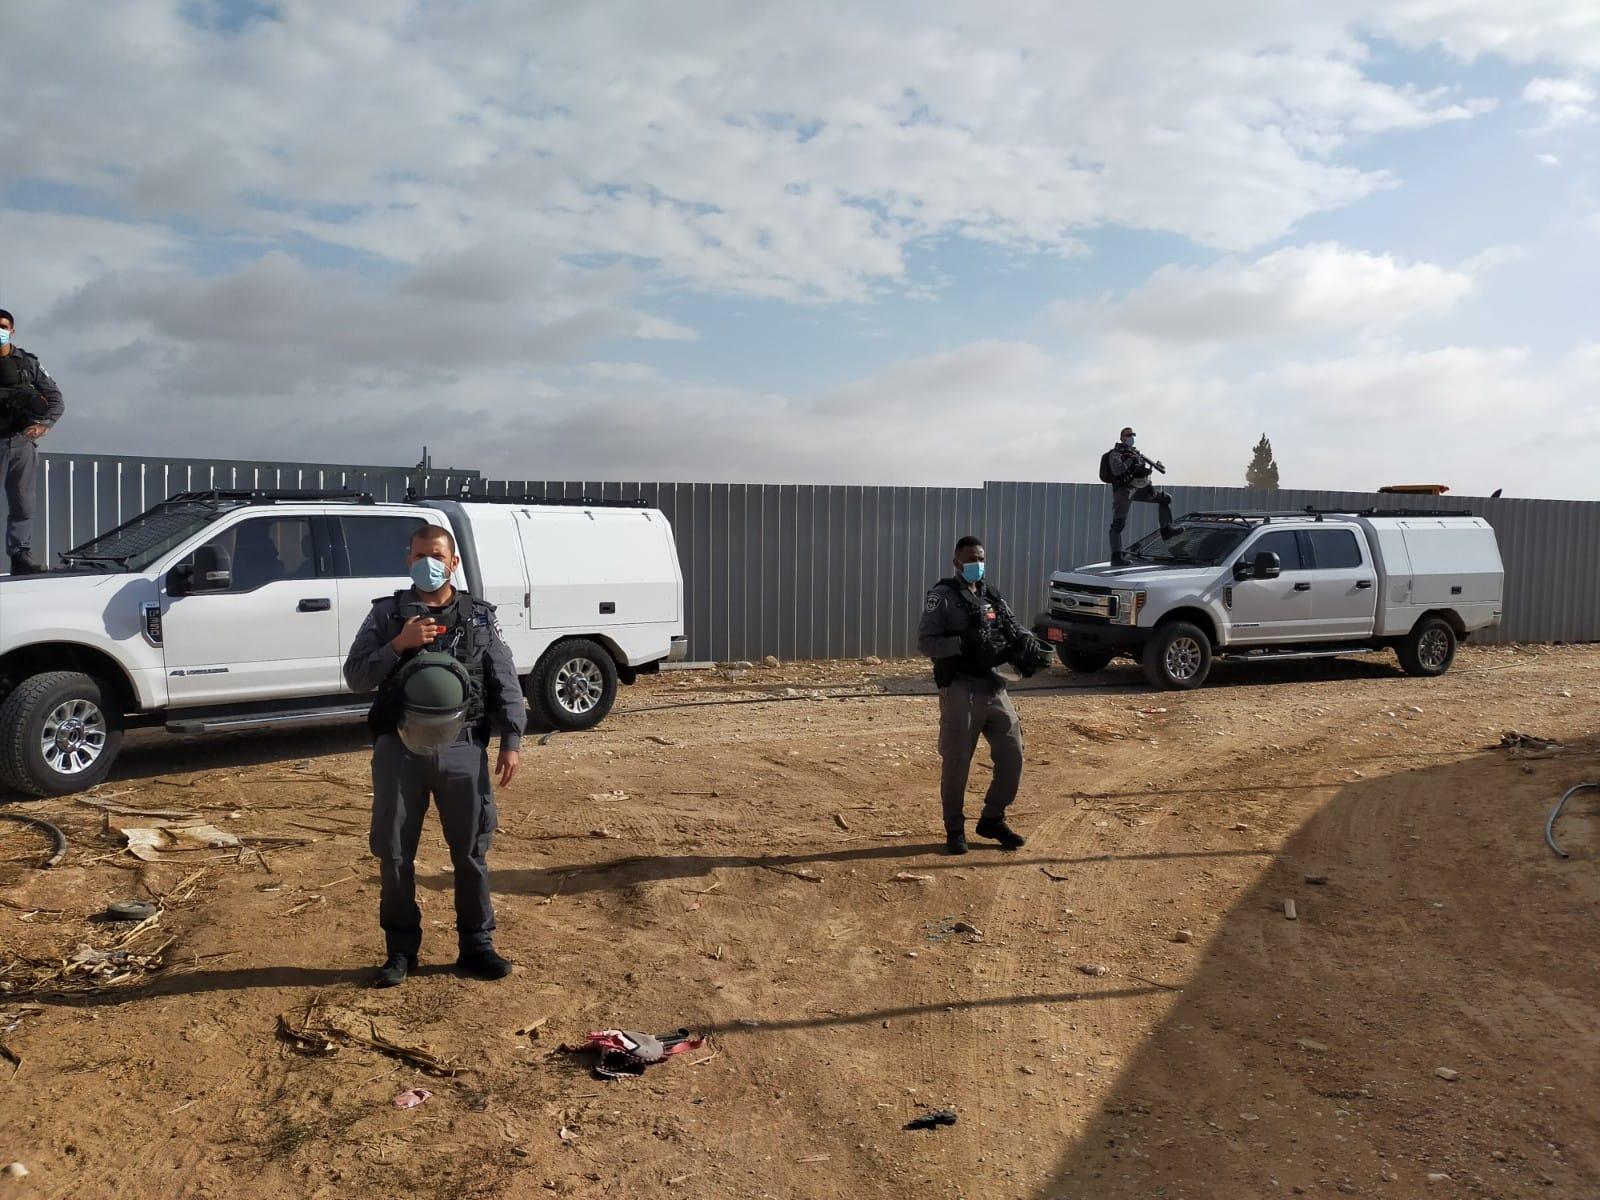 هدم منزل ومواجهات واعتقالات في بير الحمام بالنقب